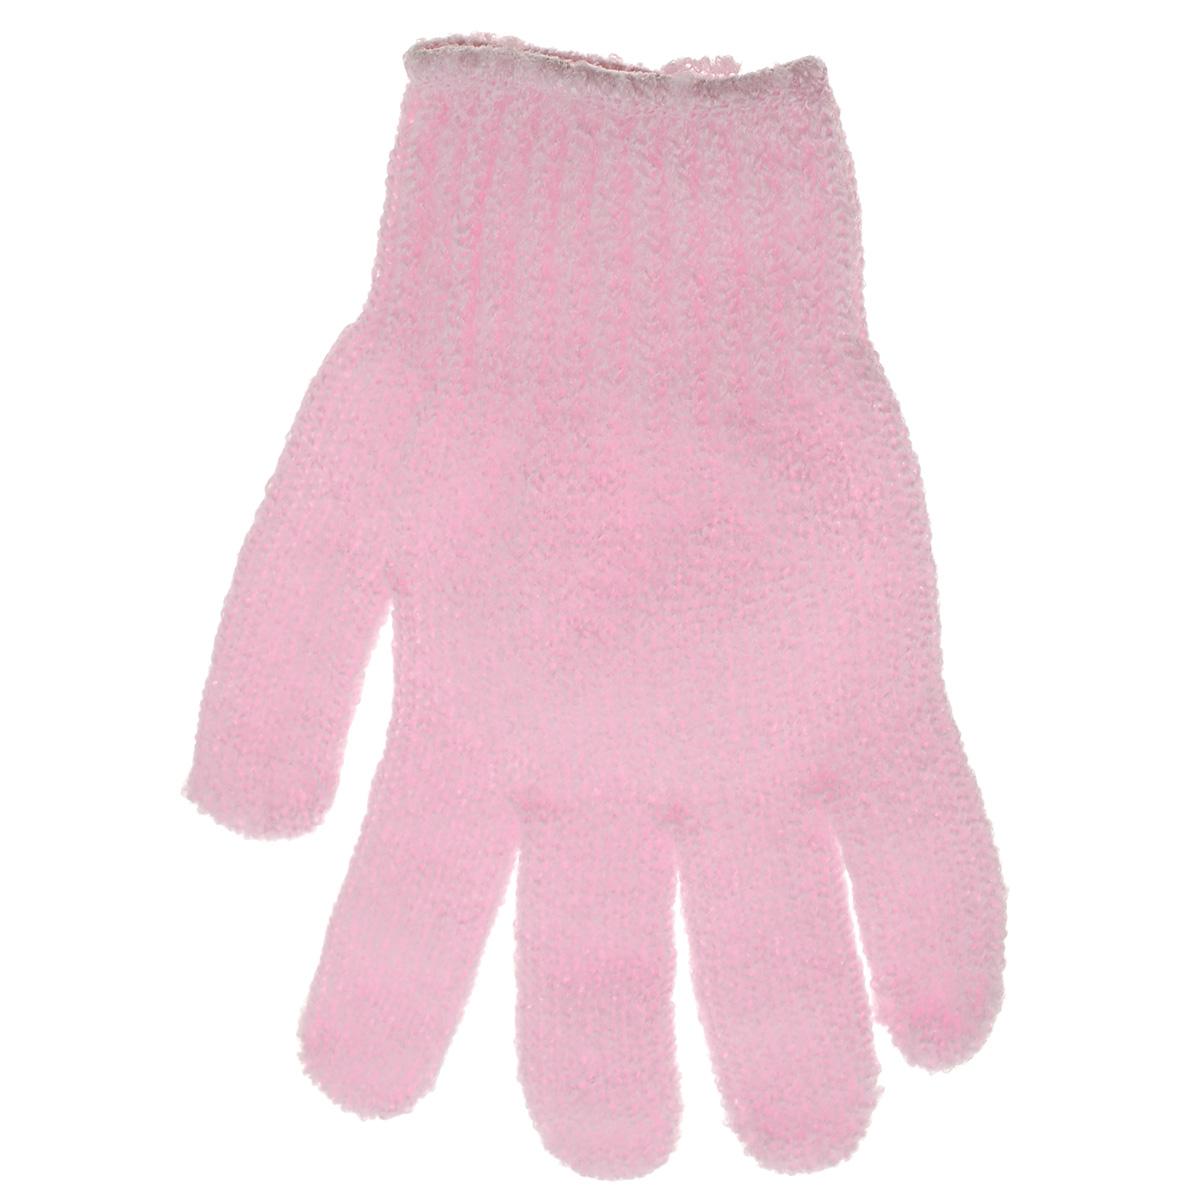 Перчатка массажная The Body Time, цвет: розовый, 17,5 х 12,5 см57201Массажная перчатка The Body Time выполненная из нейлона, прекрасно массирует, тонизирует и очищает кожу. Обладая эффектом скраба, перчатка мягко отшелушивает верхний слой эпидермиса, стимулируя рост новых, молодых клеток, делая кожу здоровой и красивой. Перчатка используется для душа или для массажных процедур. Размер перчатки: 17,5 х 12,5 см.